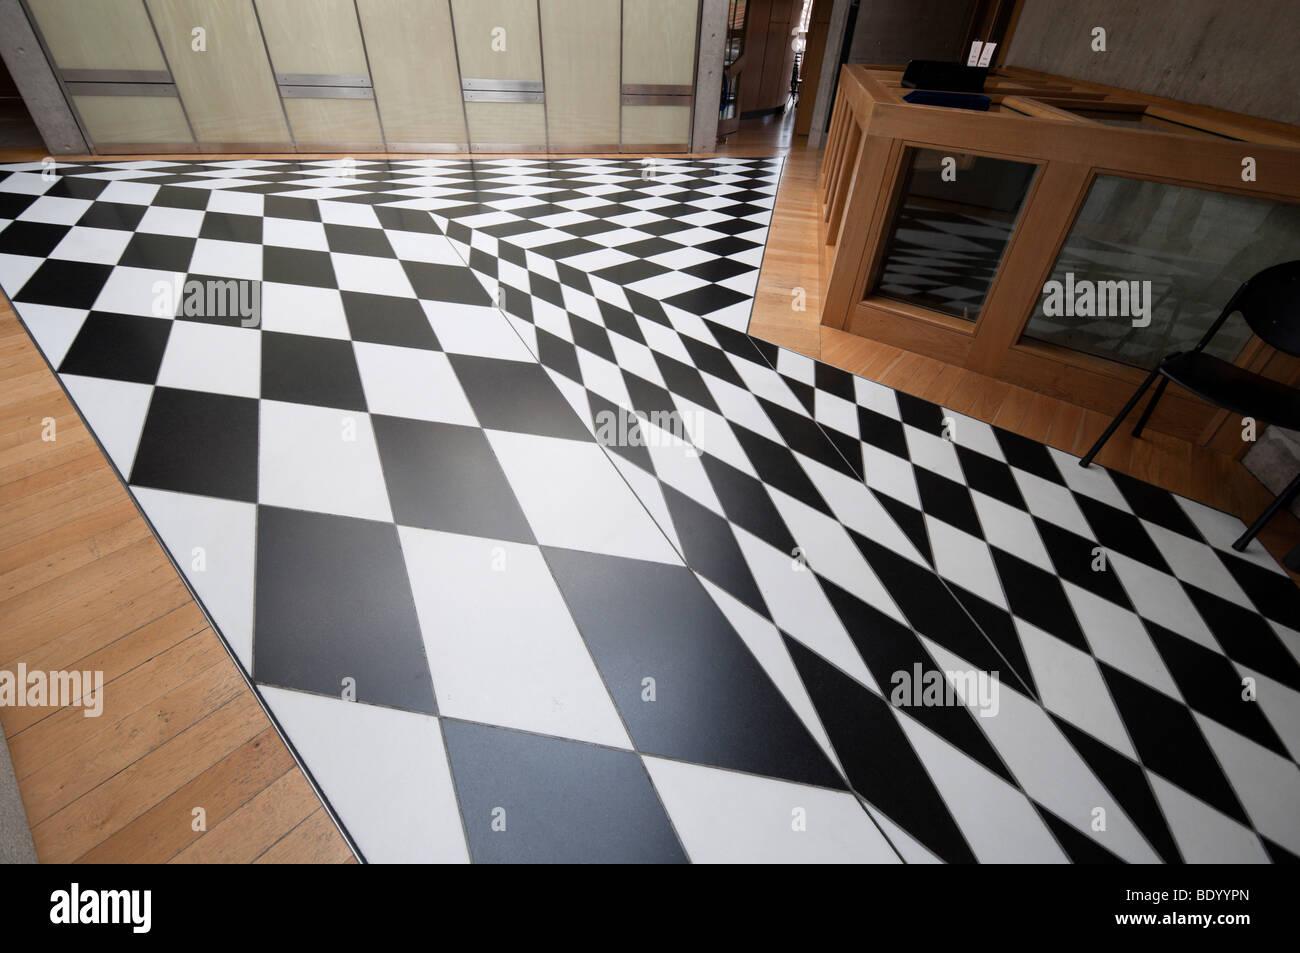 Fußboden Ideen Fliesen ~ Fußboden fliesen fussboden fliesen